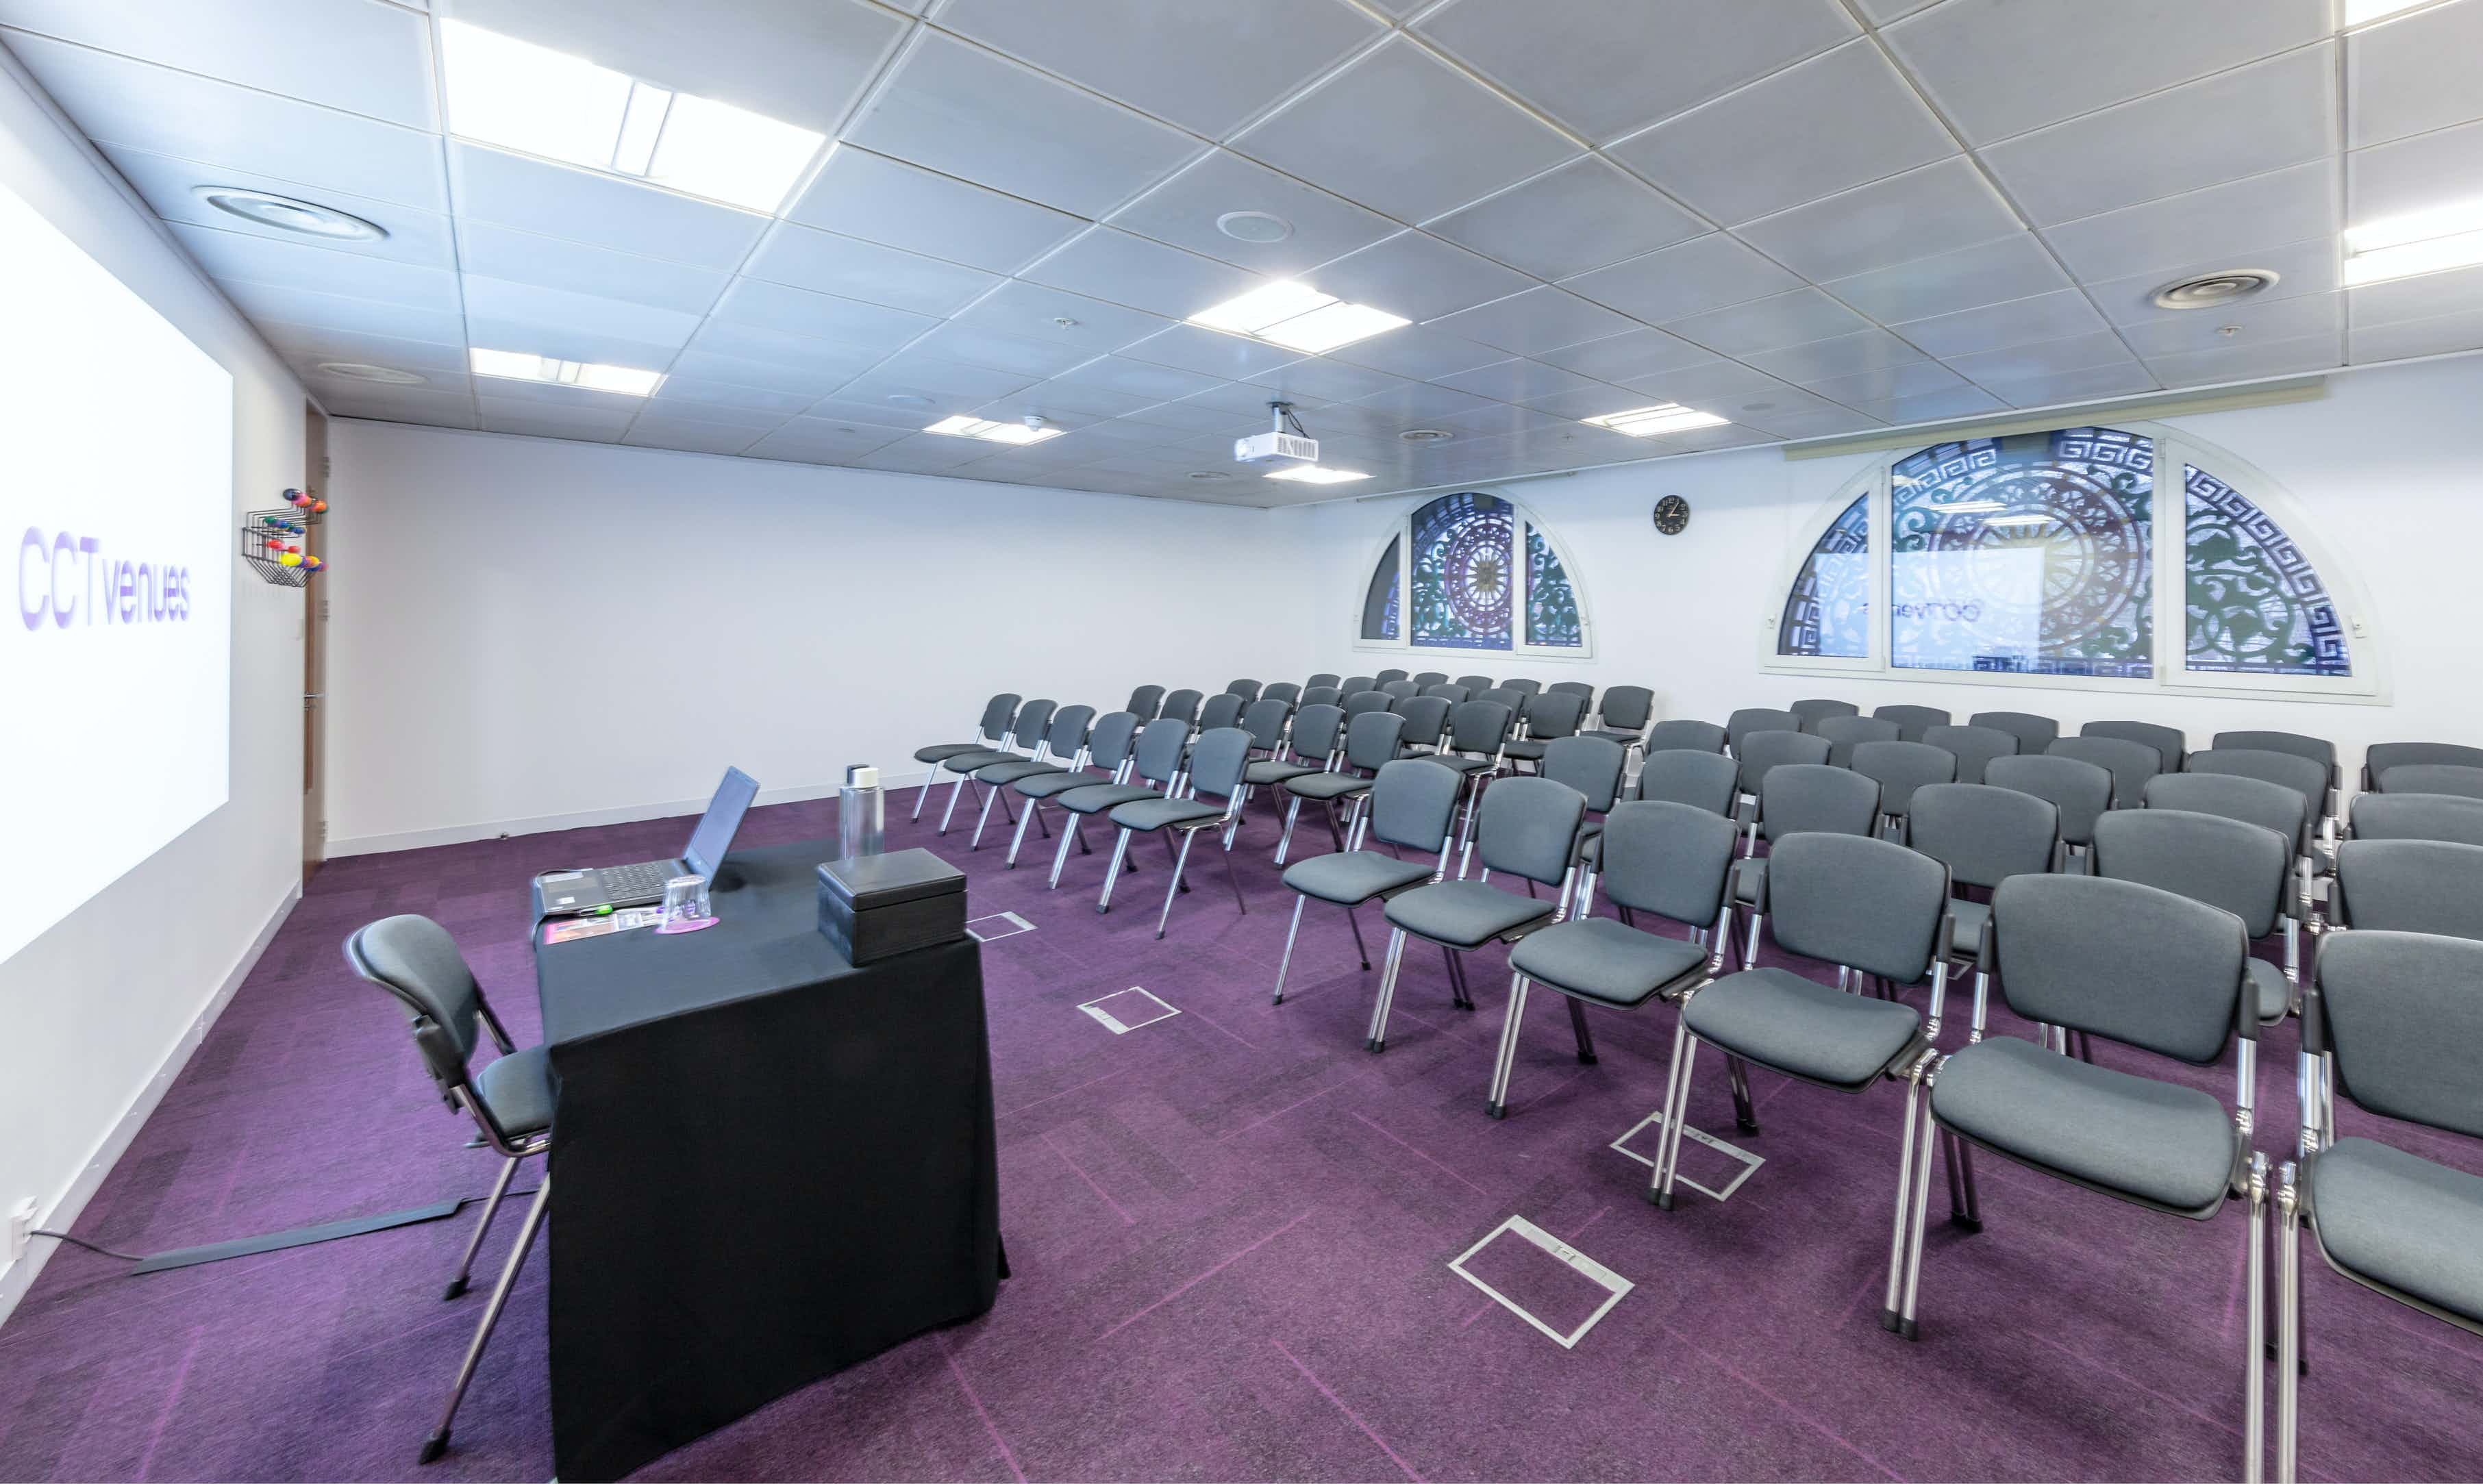 Covent Garden, CCT Venues, Smithfield